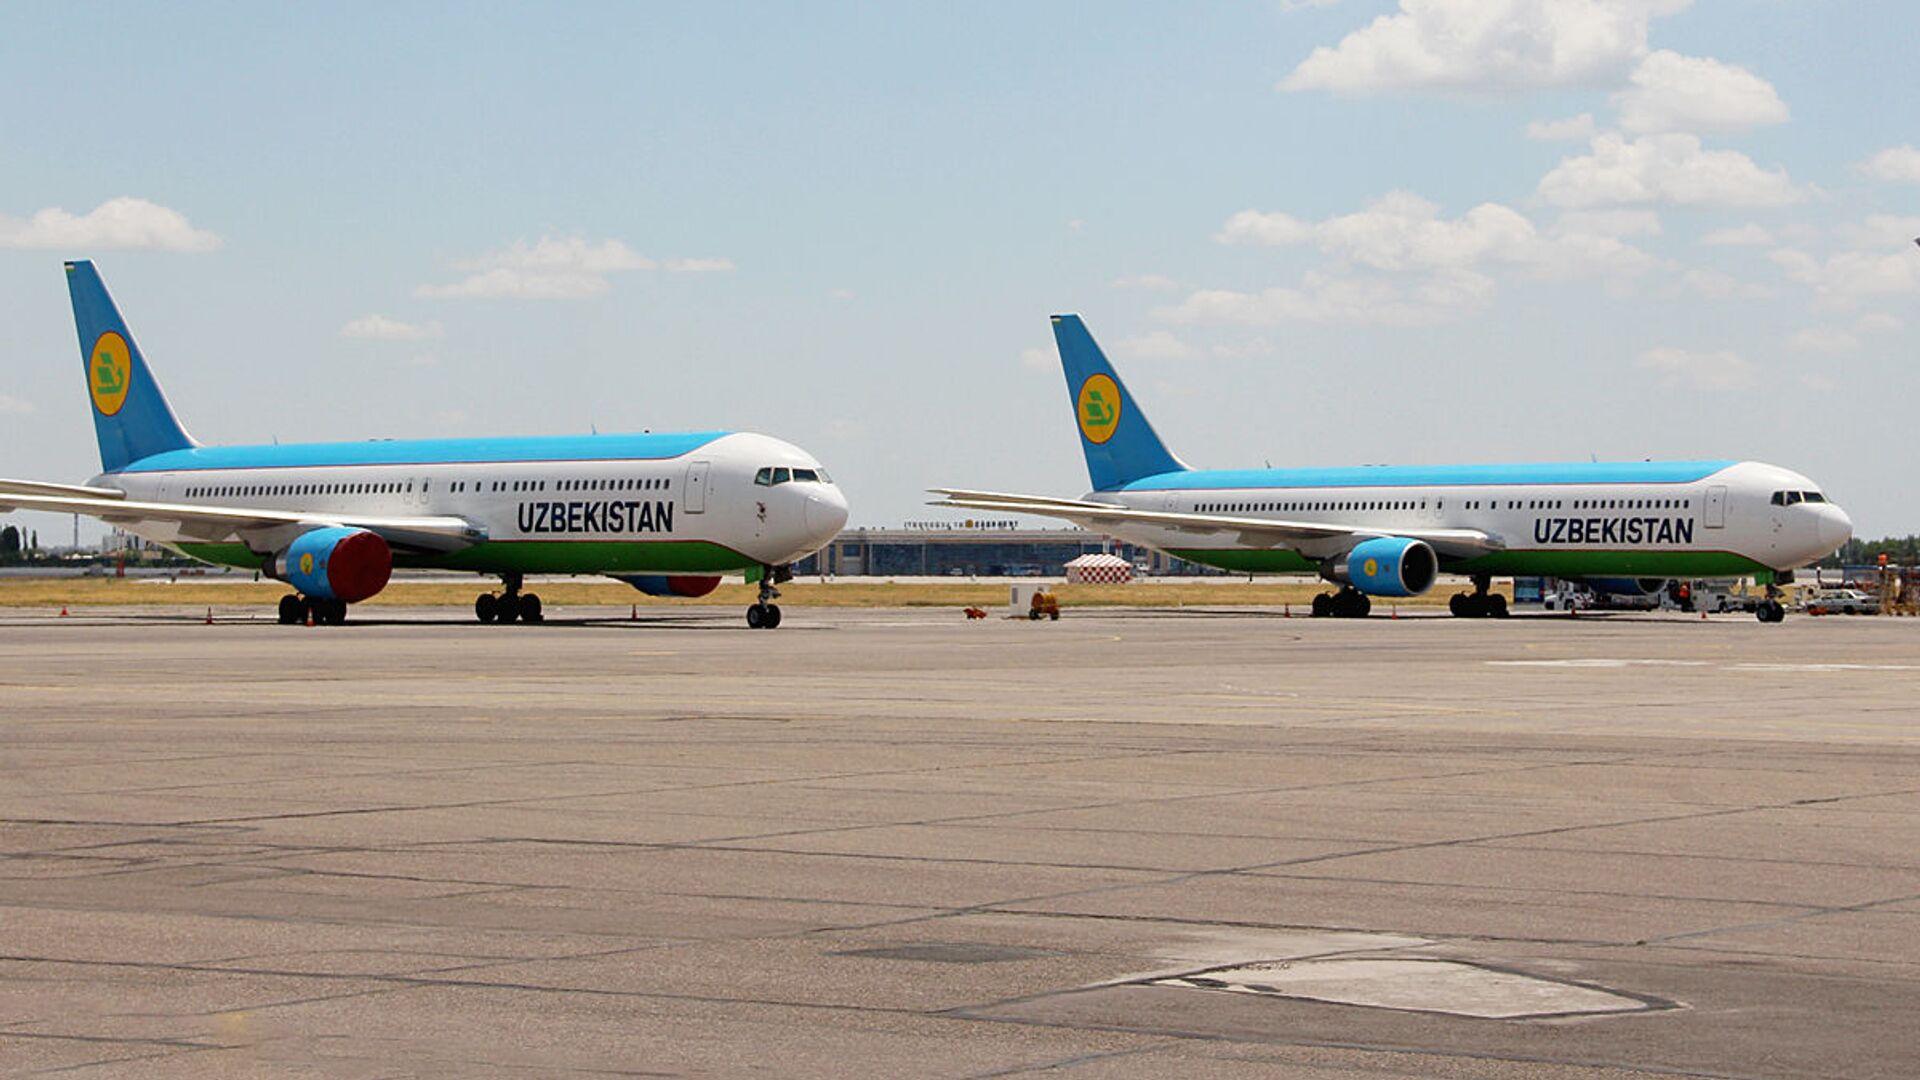 Boeing 767 узбекских авиалиний - Sputnik Ўзбекистон, 1920, 08.09.2021